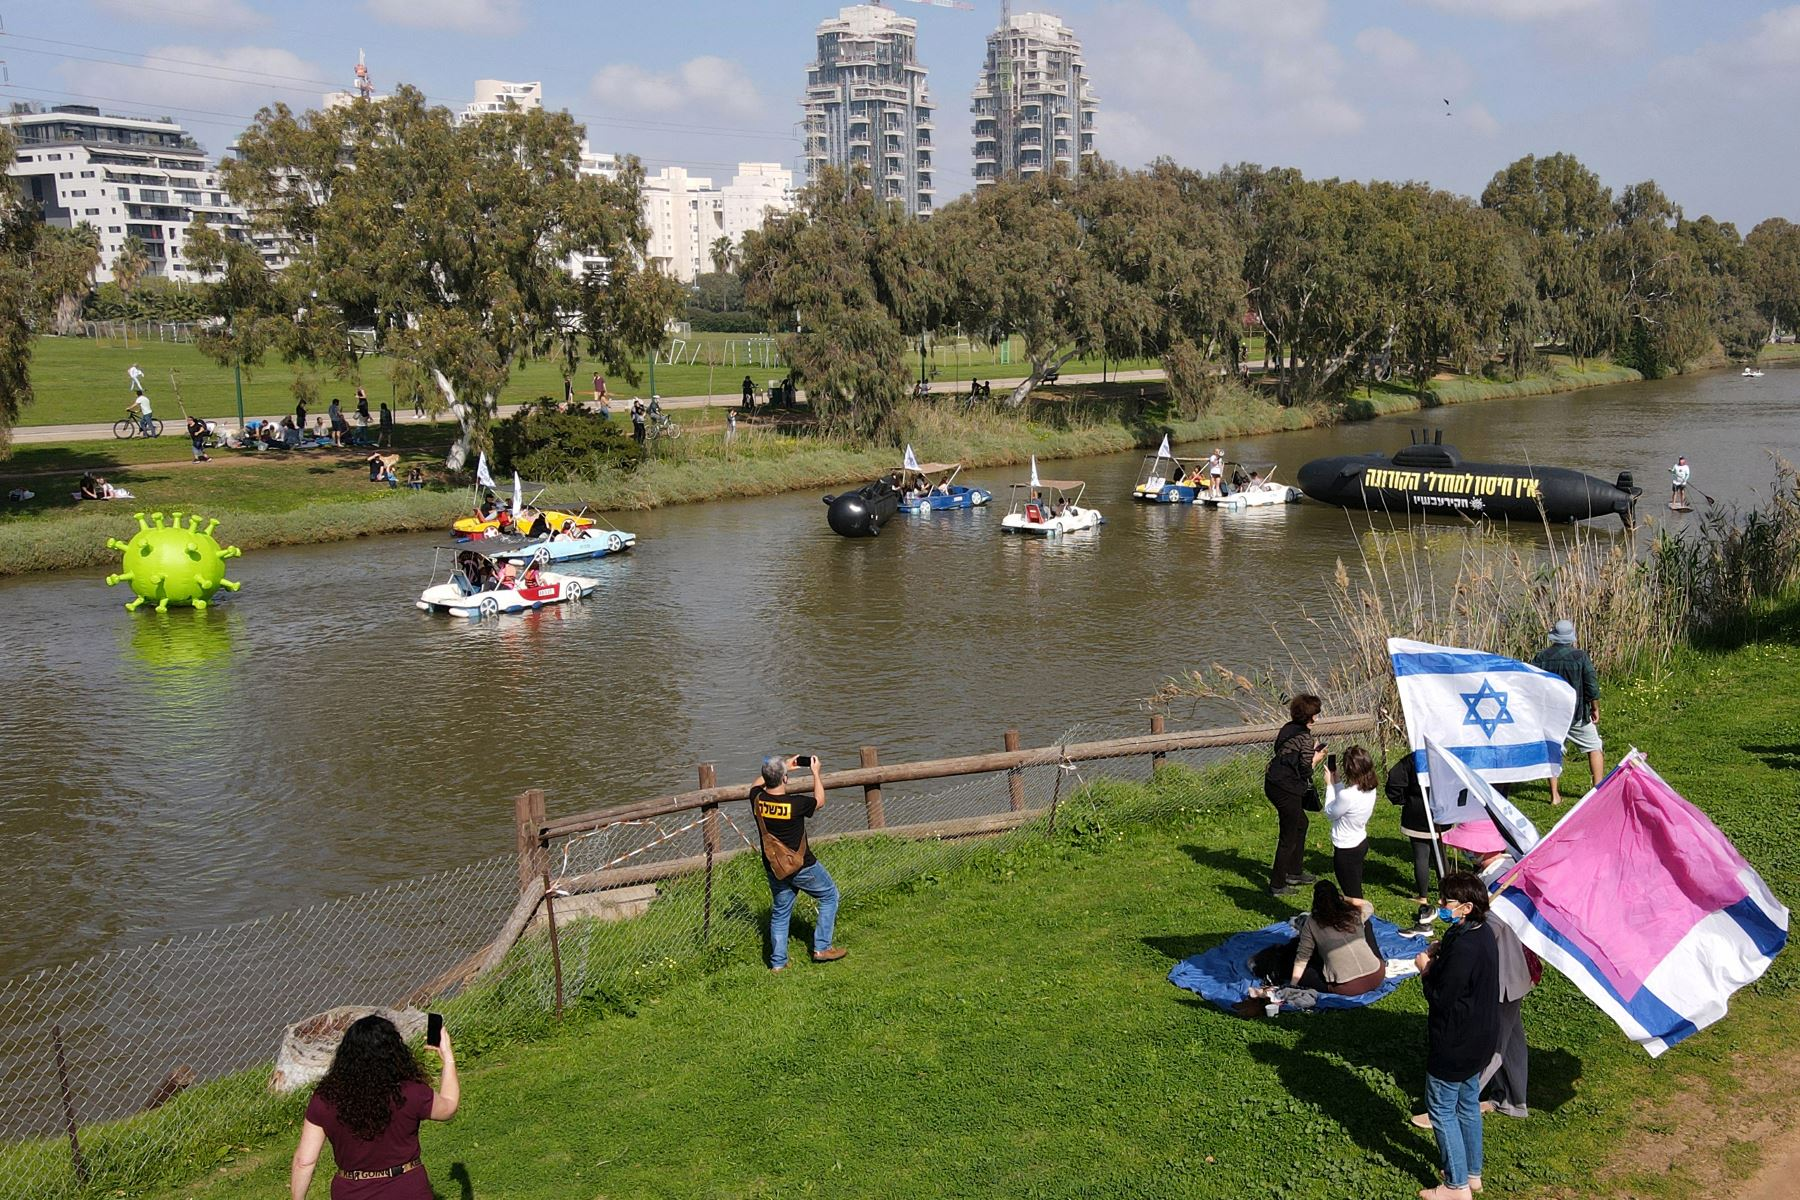 Objetos inflables una representación del coronavirus por el río Yarkon, mientras los israelíes protestan en medio de la crisis por la pandemia. Foto: AFP